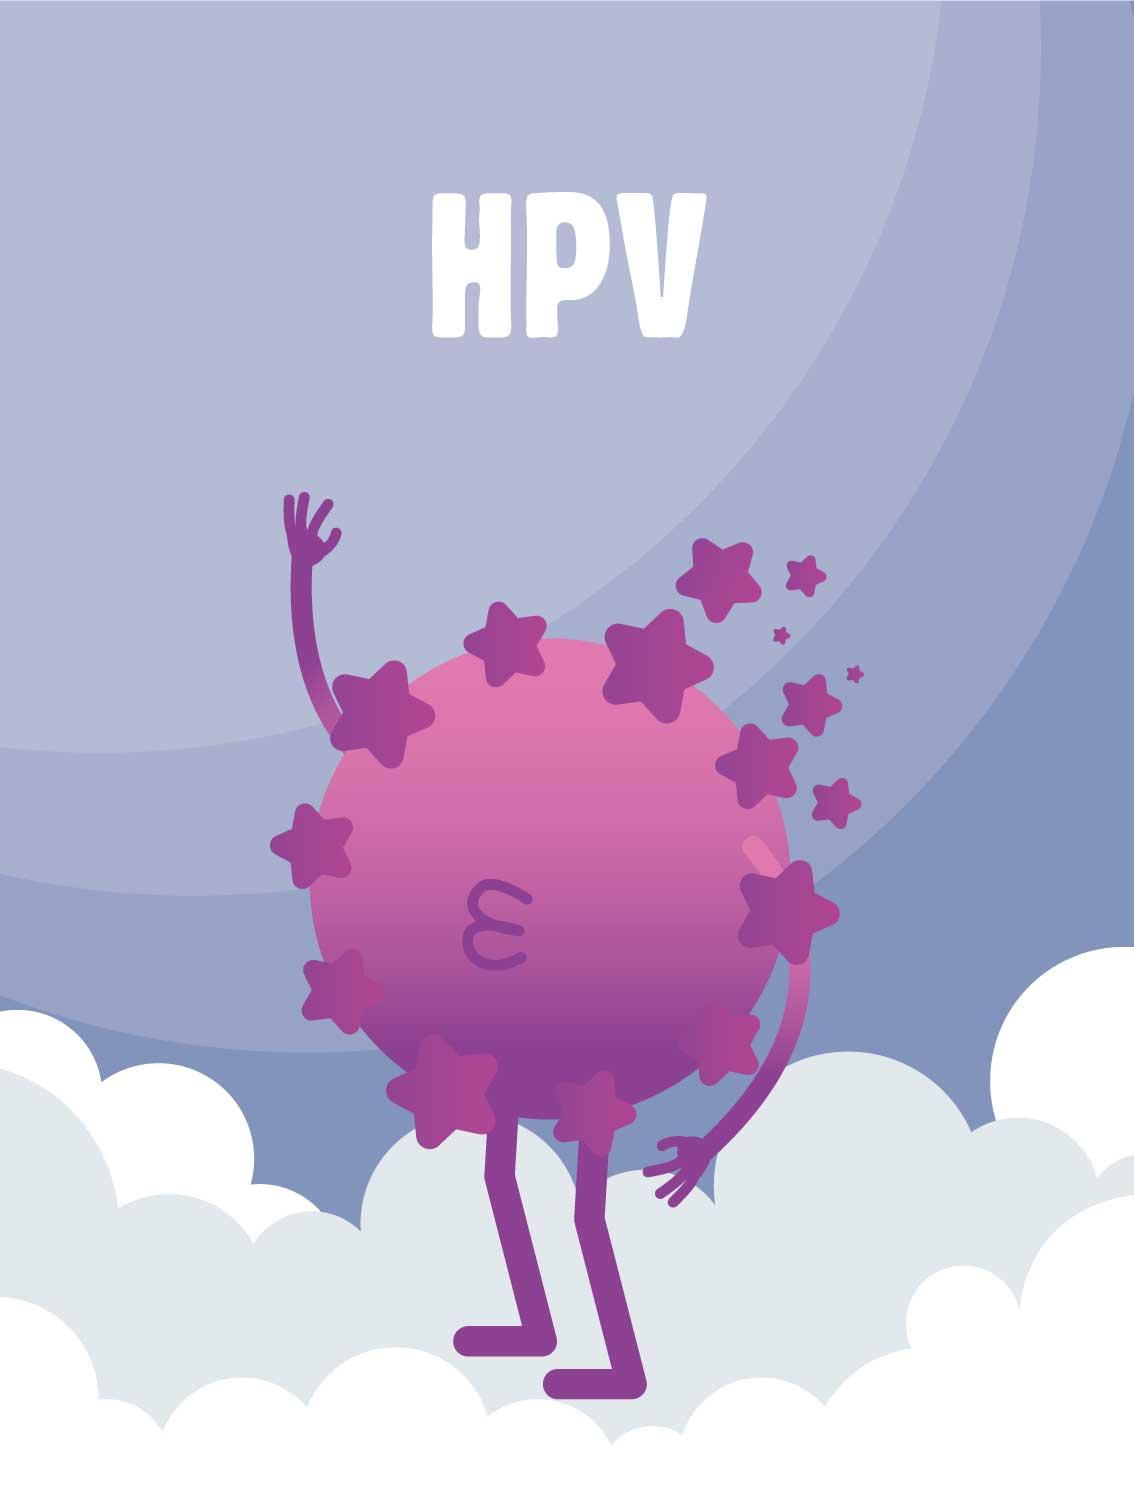 oxyuris vermicularis treatment human papillomavirus type 51